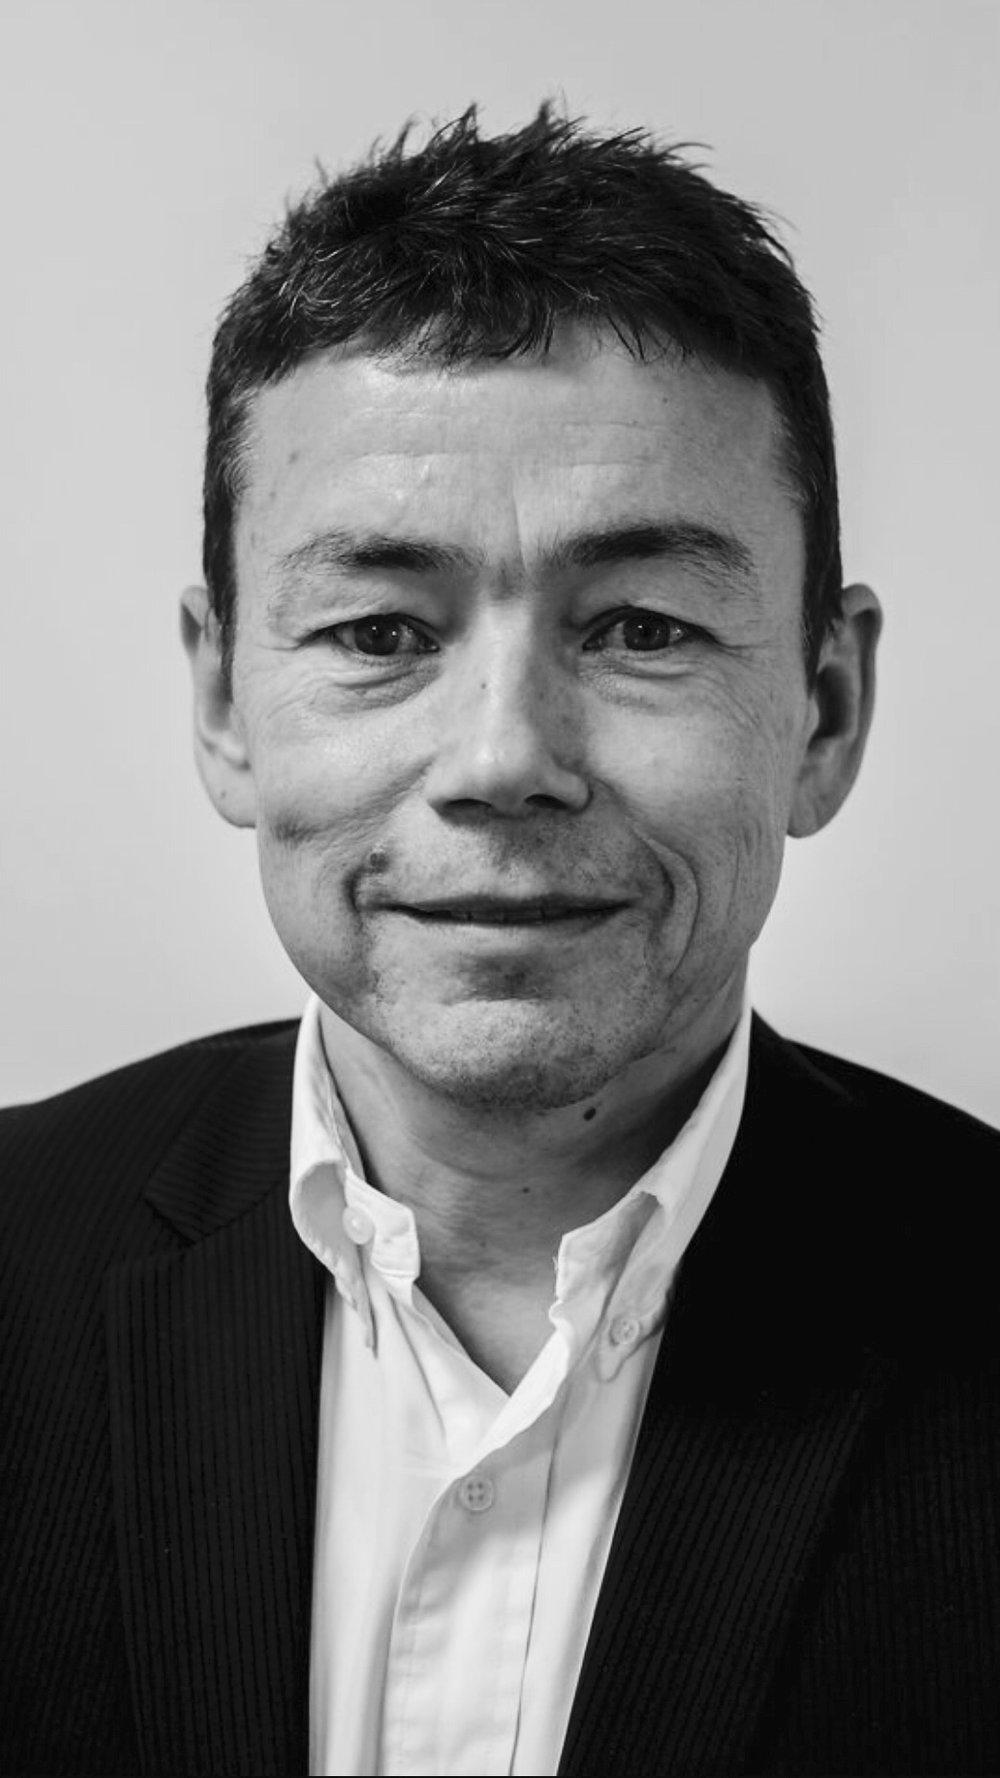 Morten Krarup,  Director - har mere end 30 års erfaring inden for IT, Telecom og E-Commerce. Som direktør i både store internationale koncerner, mindre selskaber og startups har han stor erfaring med opstart, processer, operationel ledelse og strategi. Morten er oprindeligt uddannet som datamatiker og har derudover en management uddannelse fra INSEAD.